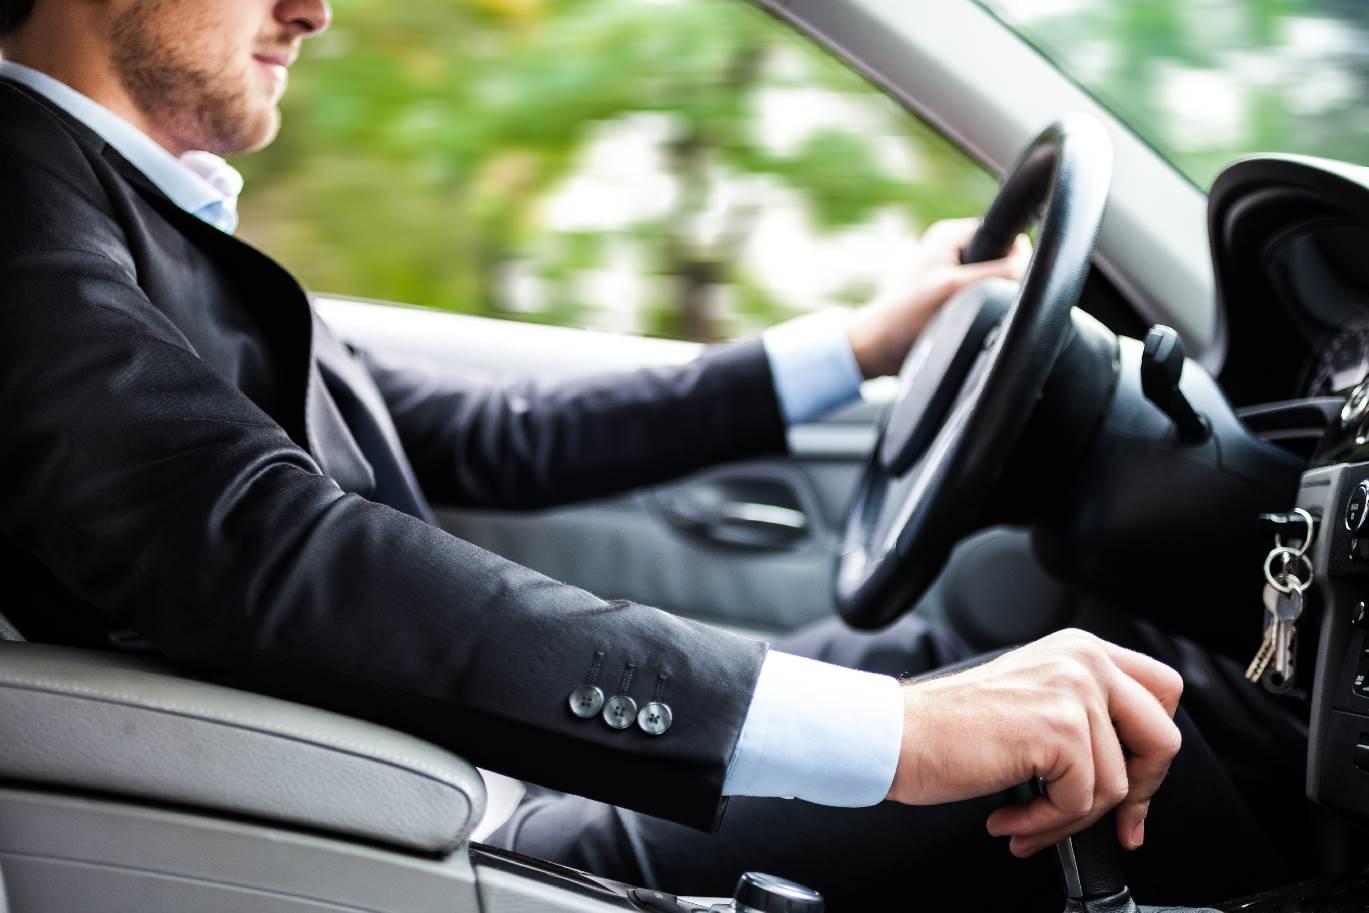 Dienstwagenfahrer